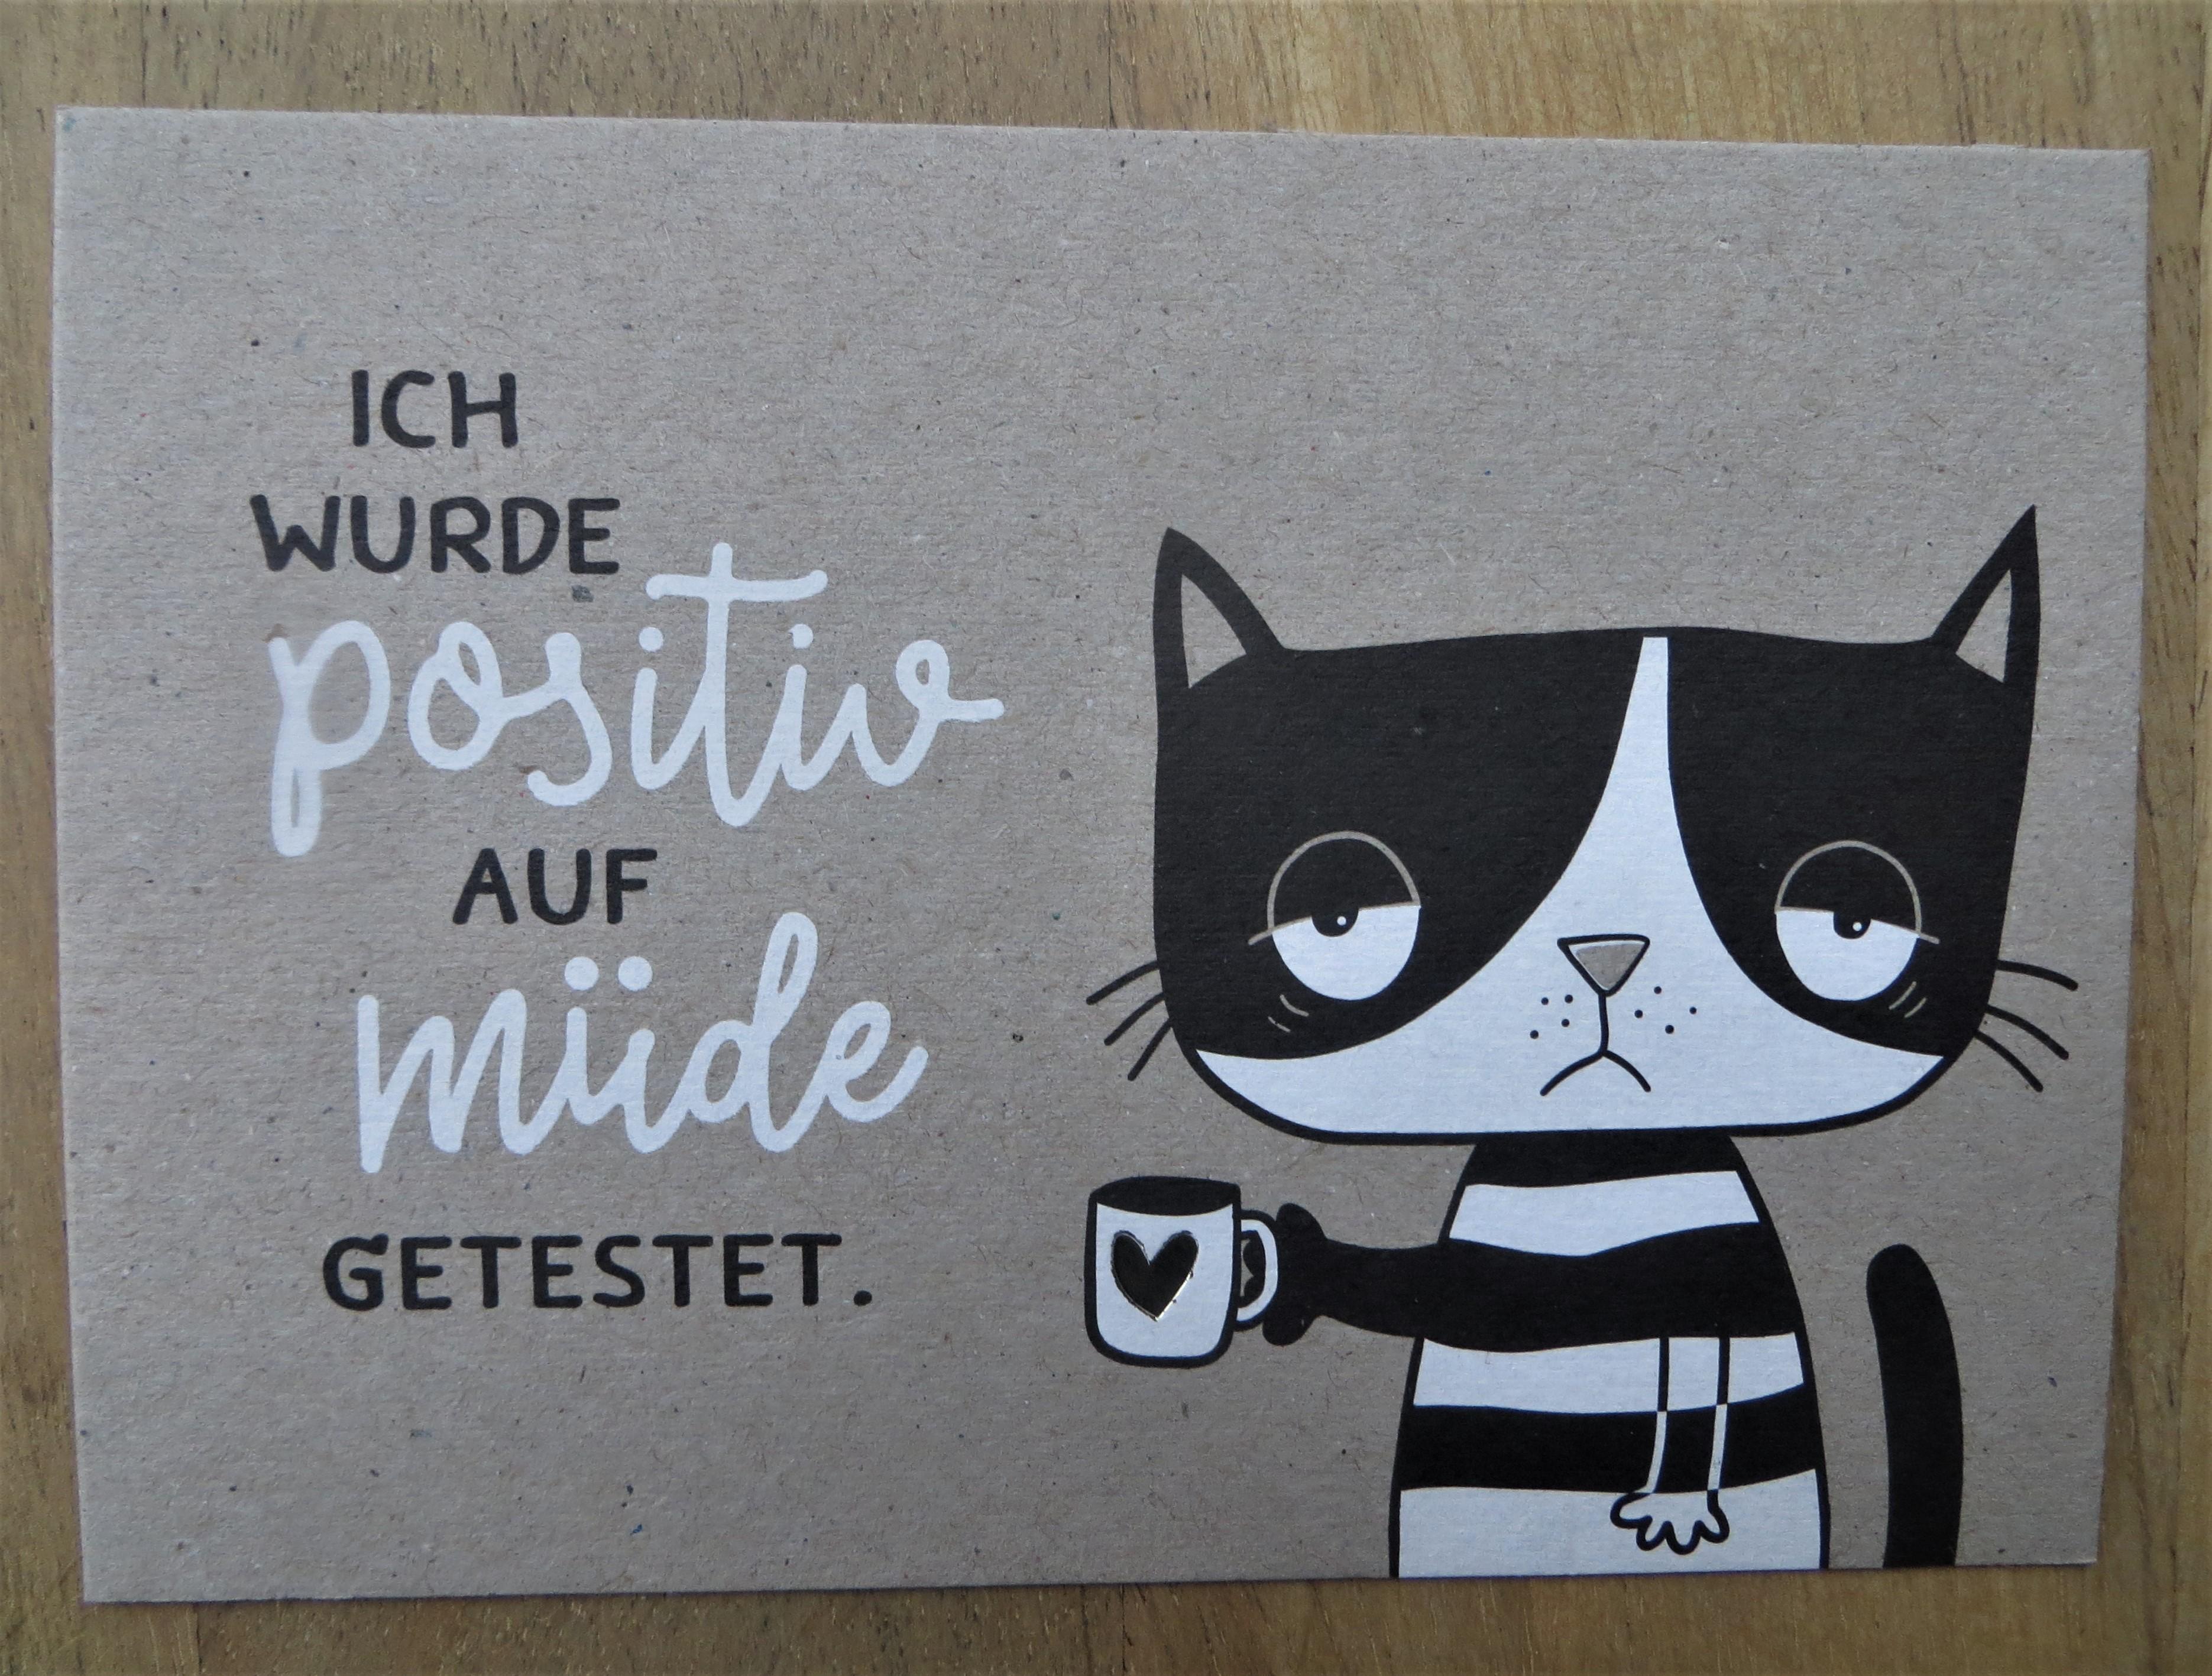 Nützlichgrusskarten - Postkarte ICH WURDE positiv AUF müde GETESTET. KUNST und BILD - Onlineshop Tante Emmer